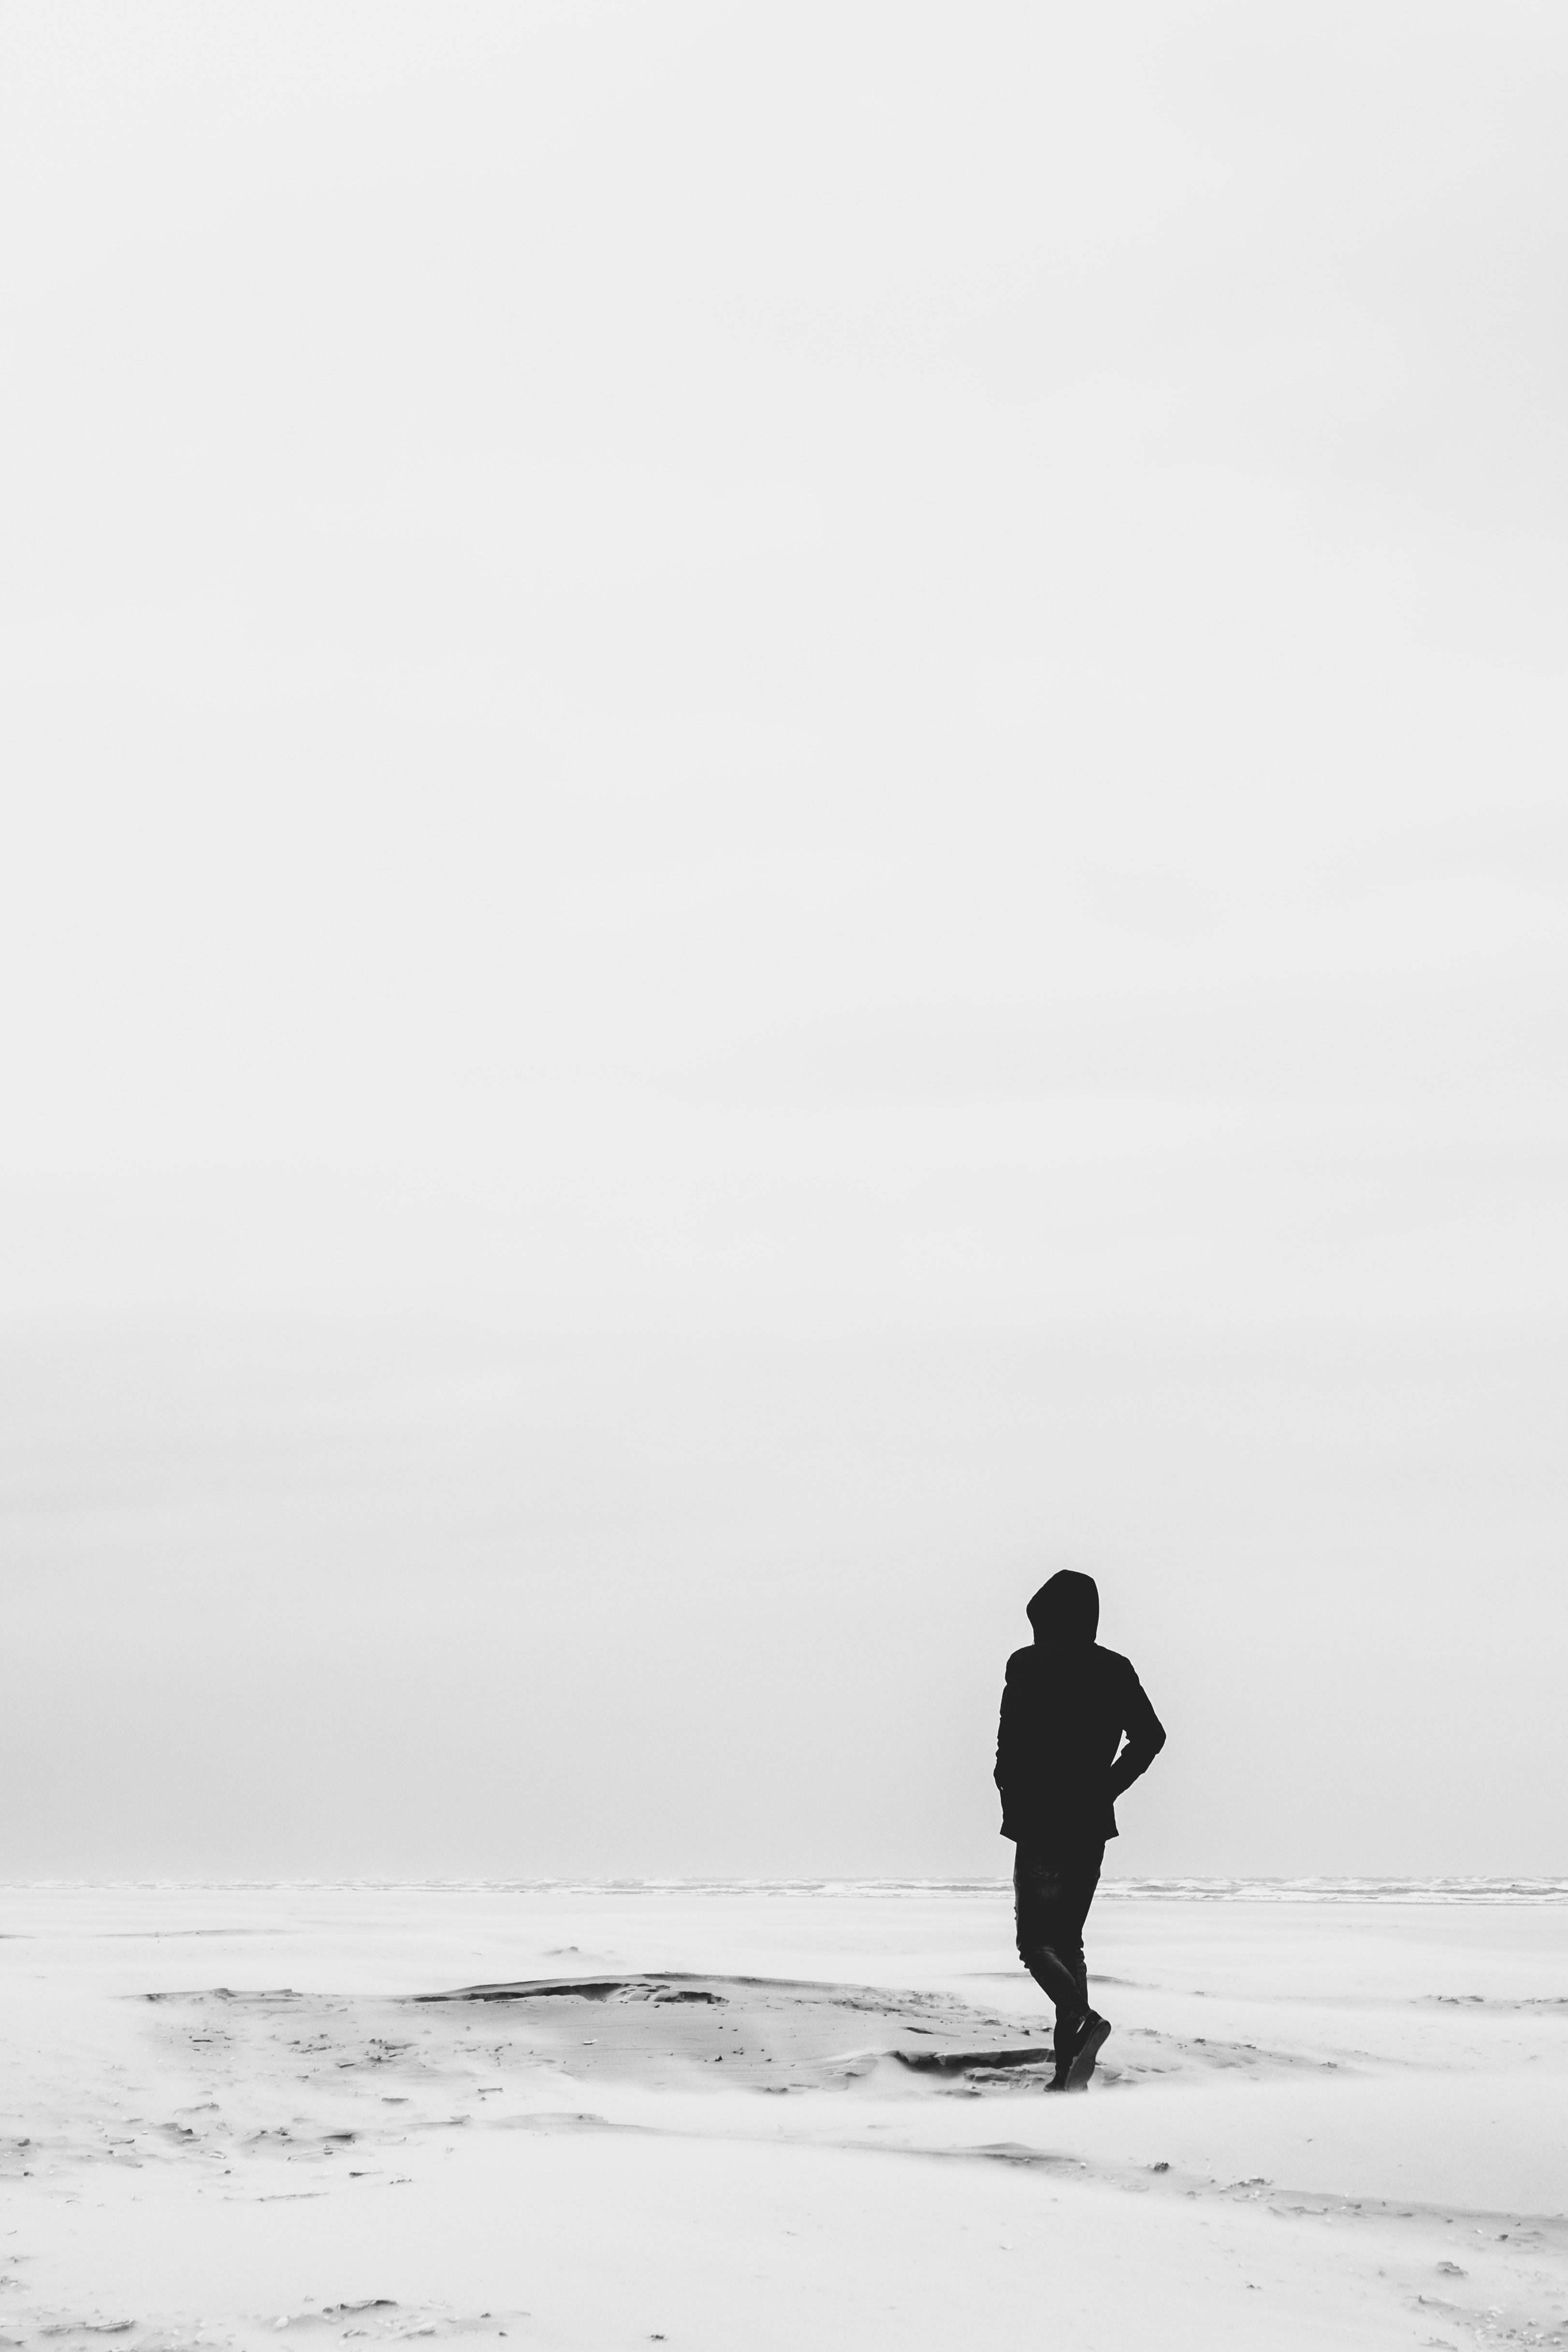 149318 Заставки и Обои Пустыня на телефон. Скачать Разное, Песок, Пустыня, Чб, Одиночество, Одинокий картинки бесплатно